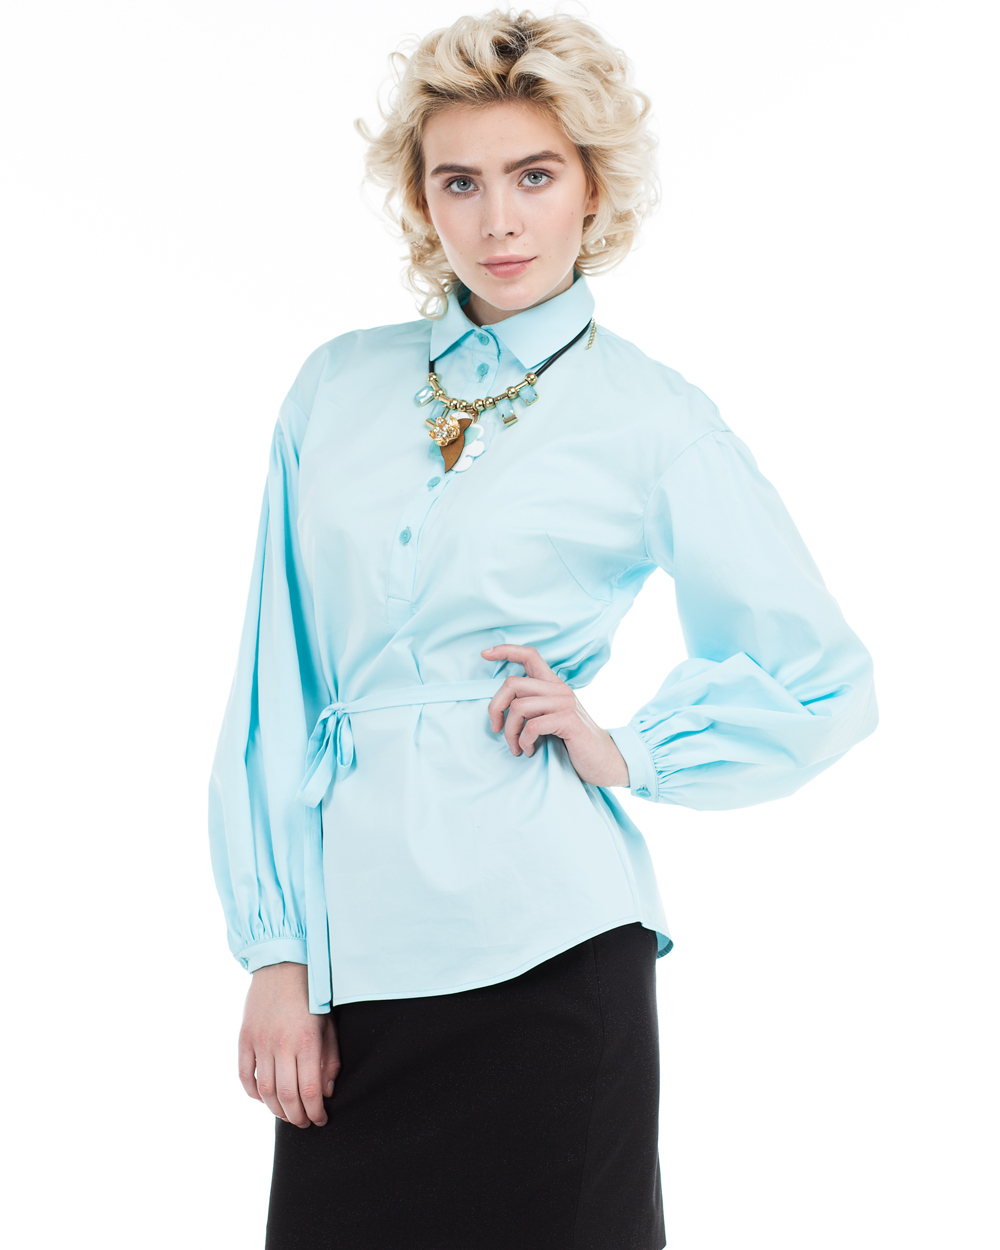 Купить Блузку С Длинным Рукавом В Челябинске